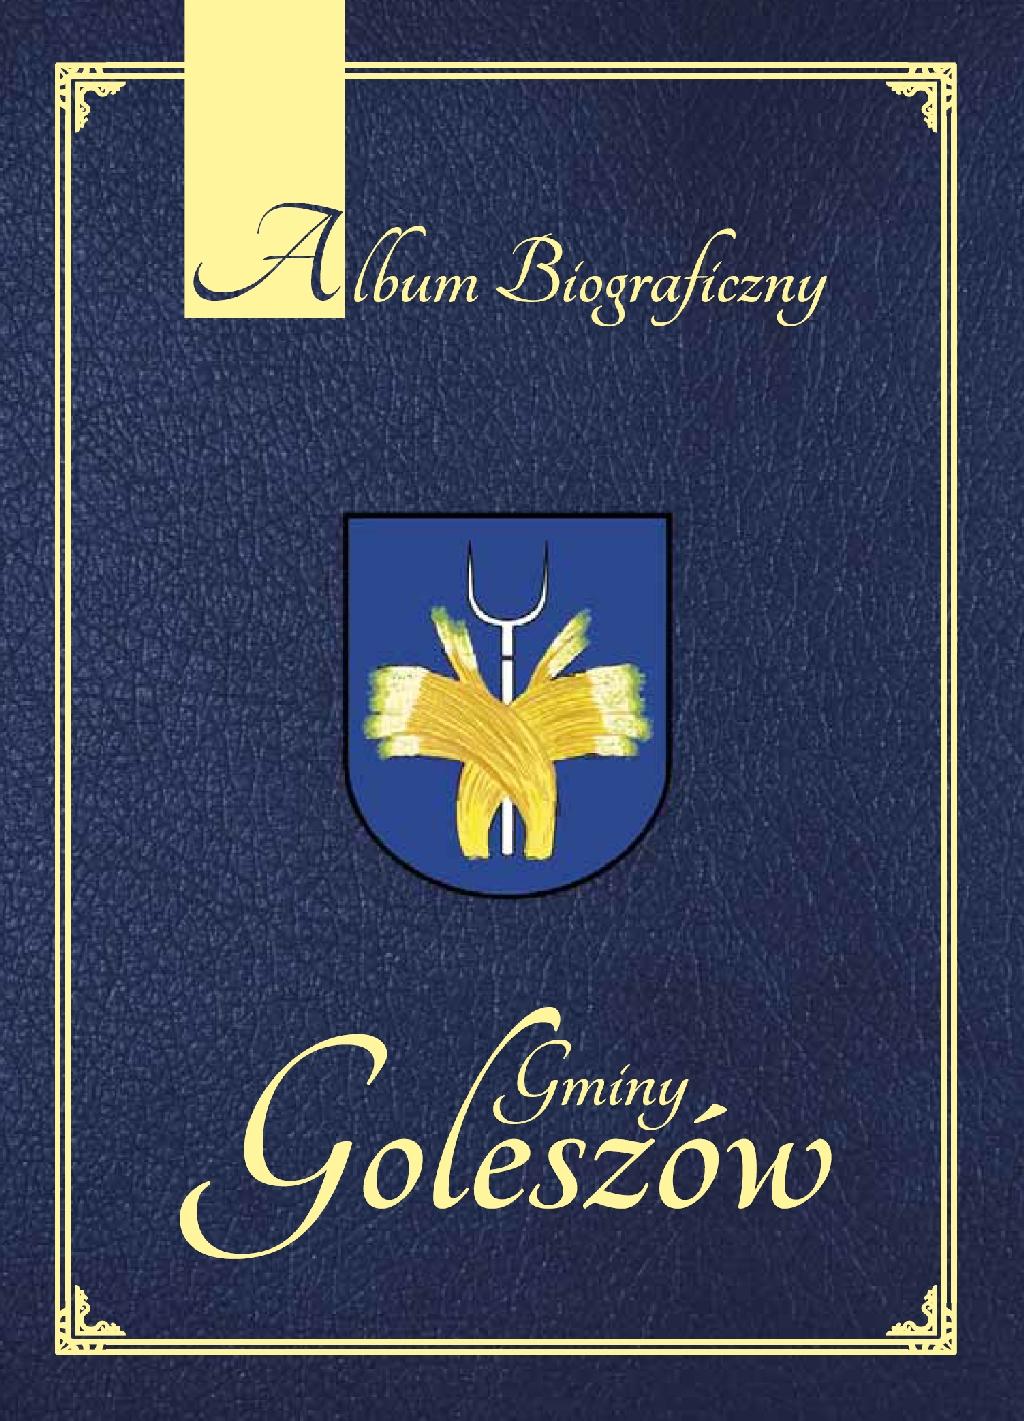 Album Biograficzny Gminy Goleszów